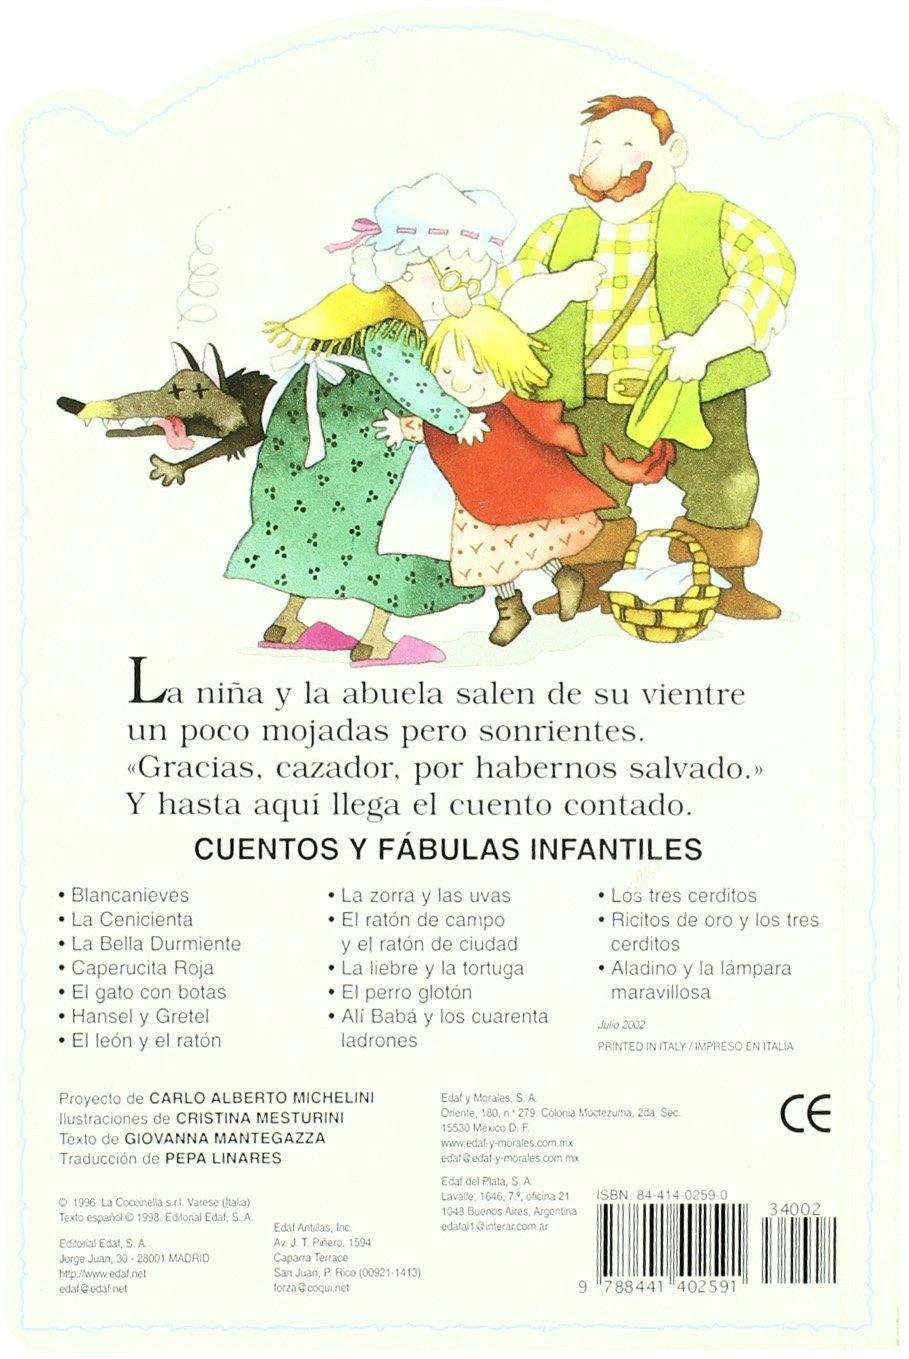 Amazon.com: Caperucita roja (9788441402591): Giovanna Mantegazza, G. Mantegazza, Cristina Mesturini: Books